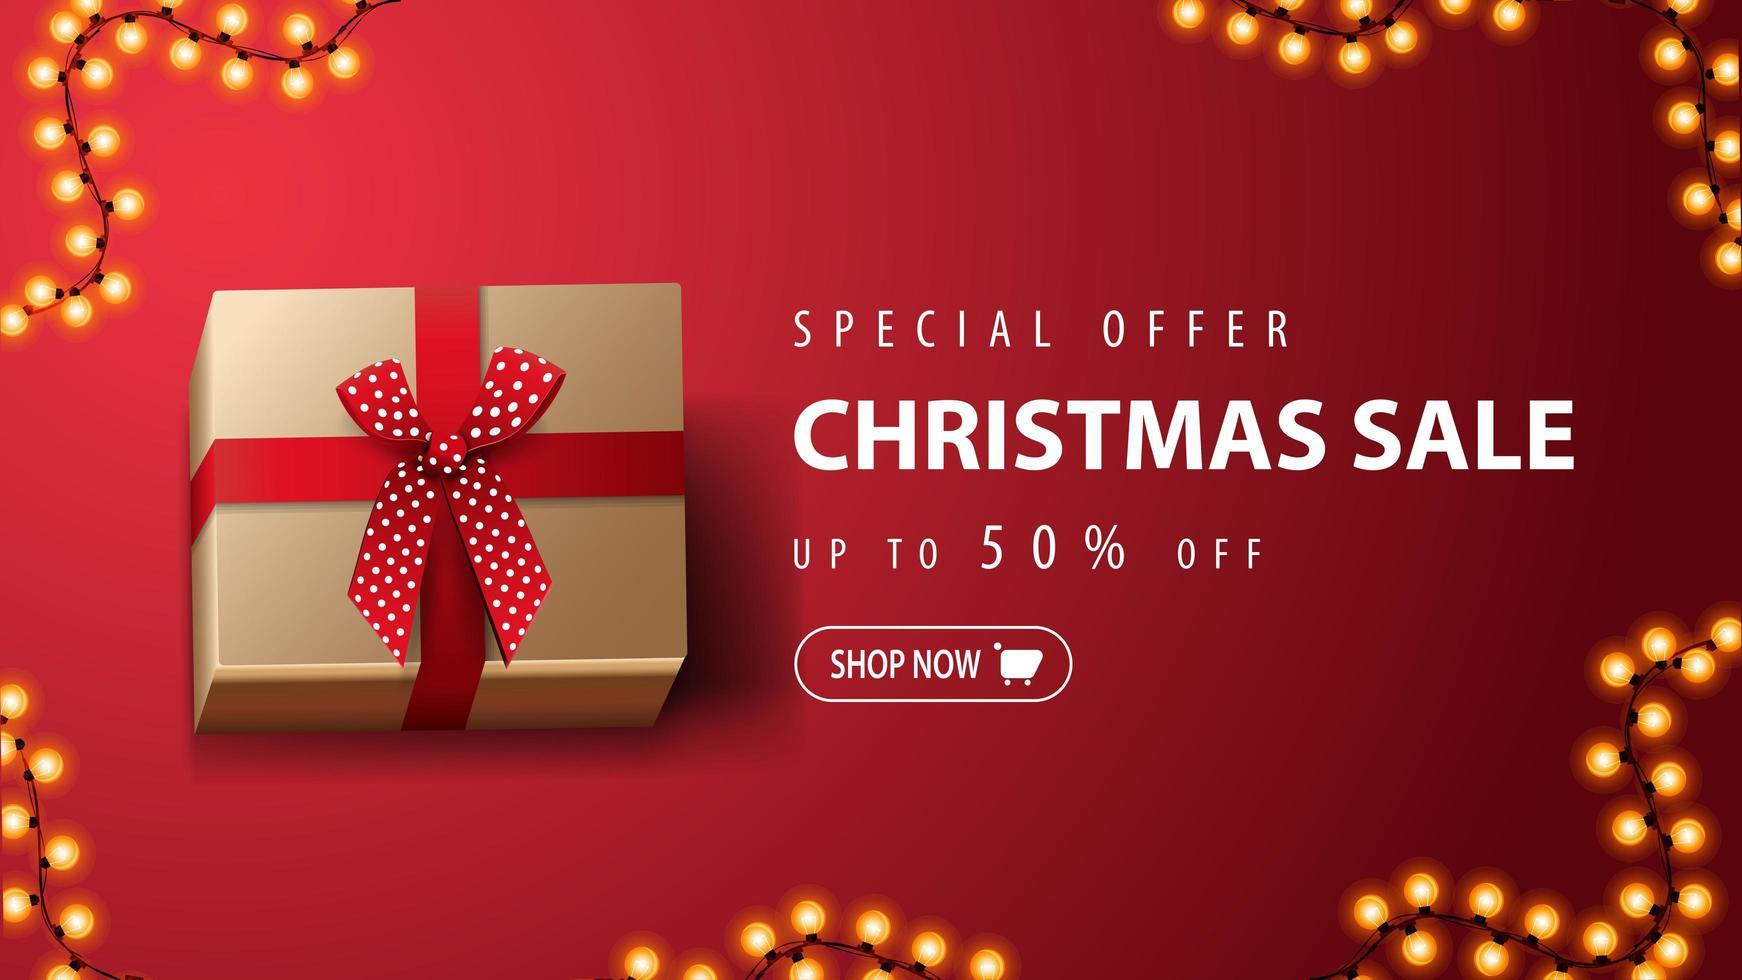 specialerbjudande, julförsäljning, upp till 50 rabatt, röd rabattbanner med present med röd rosett på röd bakgrund, ovanifrån vektor